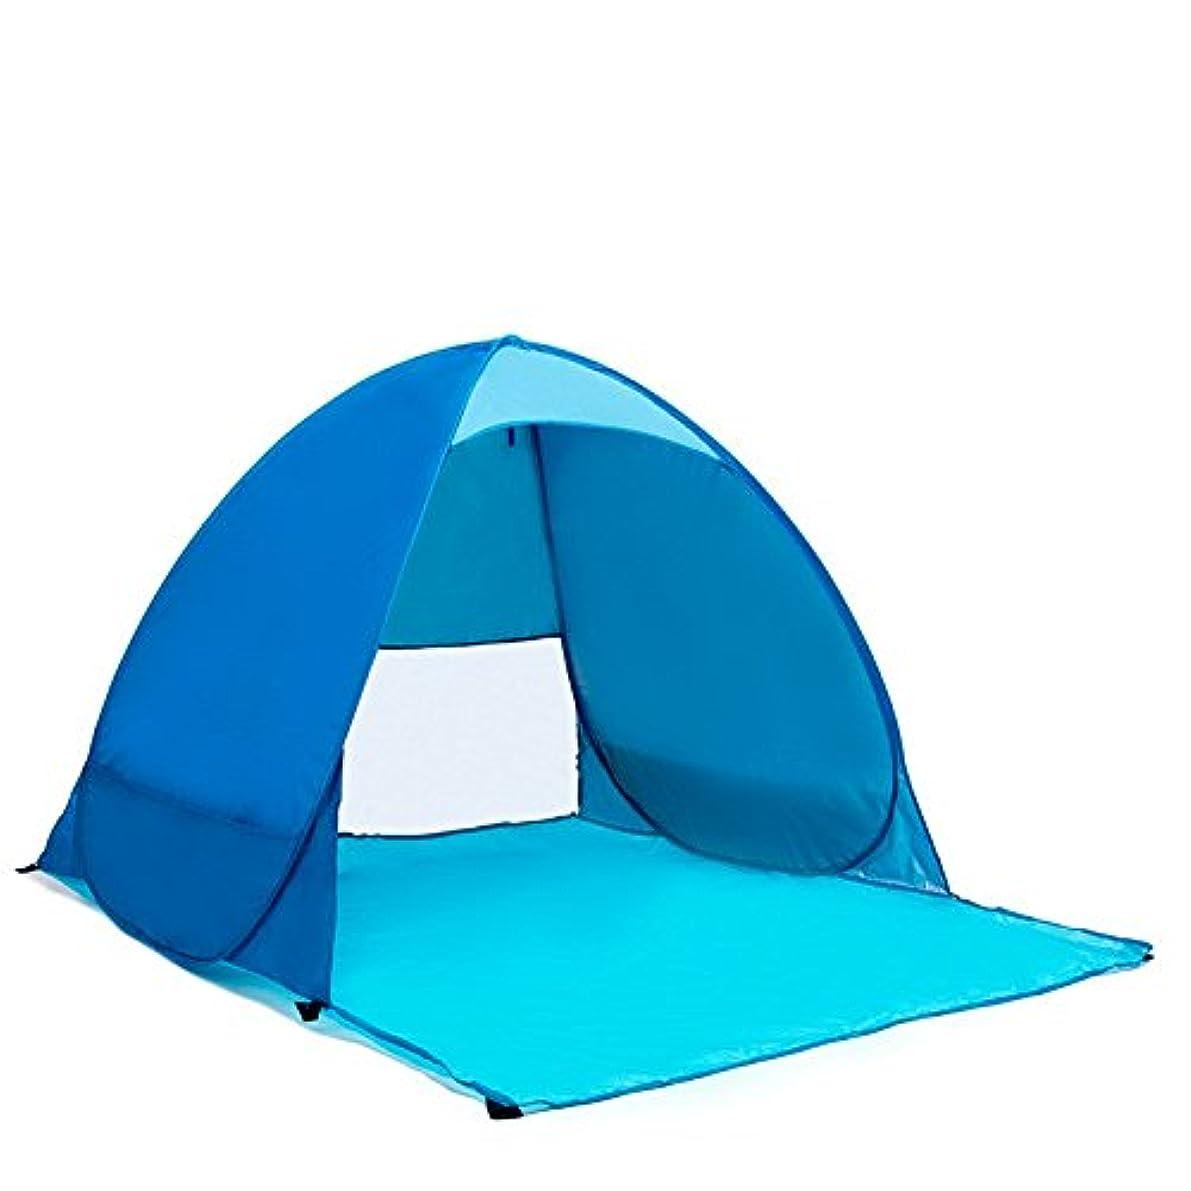 バウンス眉をひそめるアプローチFeelyer 145 * 155 * 110センチ屋外キャンプテントビーチテントサンシェードテント2-3人インストールが簡単持ち運びが簡単 顧客に愛されて